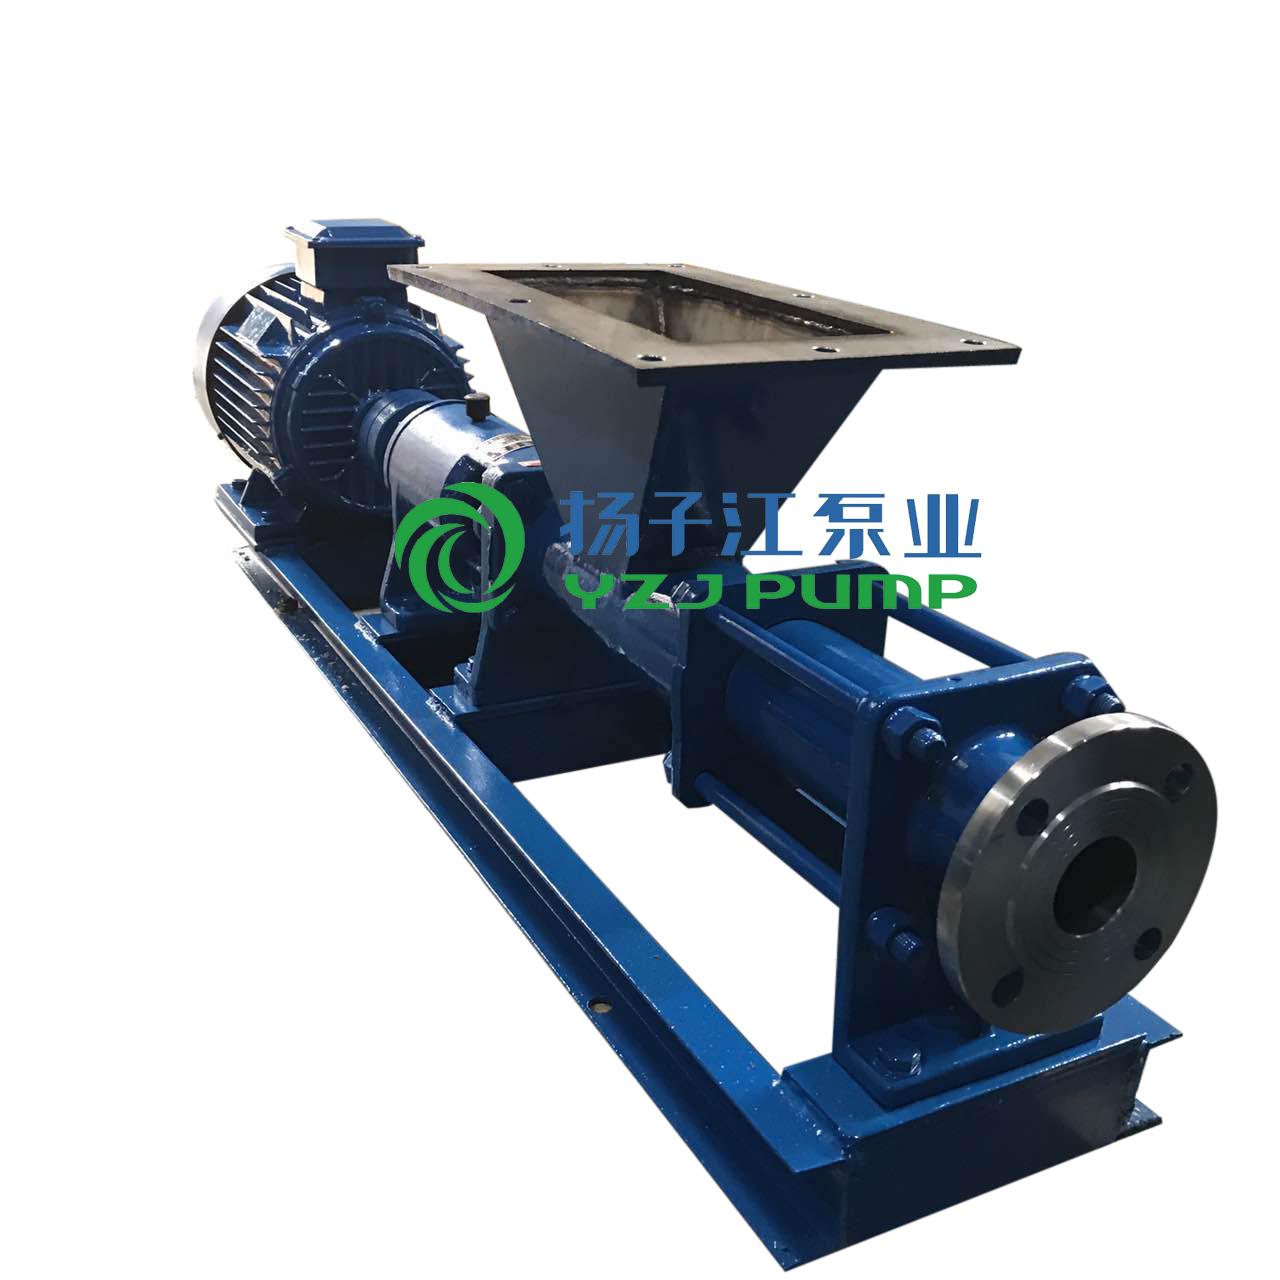 防爆单螺杆泵 G型单螺杆泵(轴raybet雷竞技下载地址) 耐腐蚀单螺杆泵